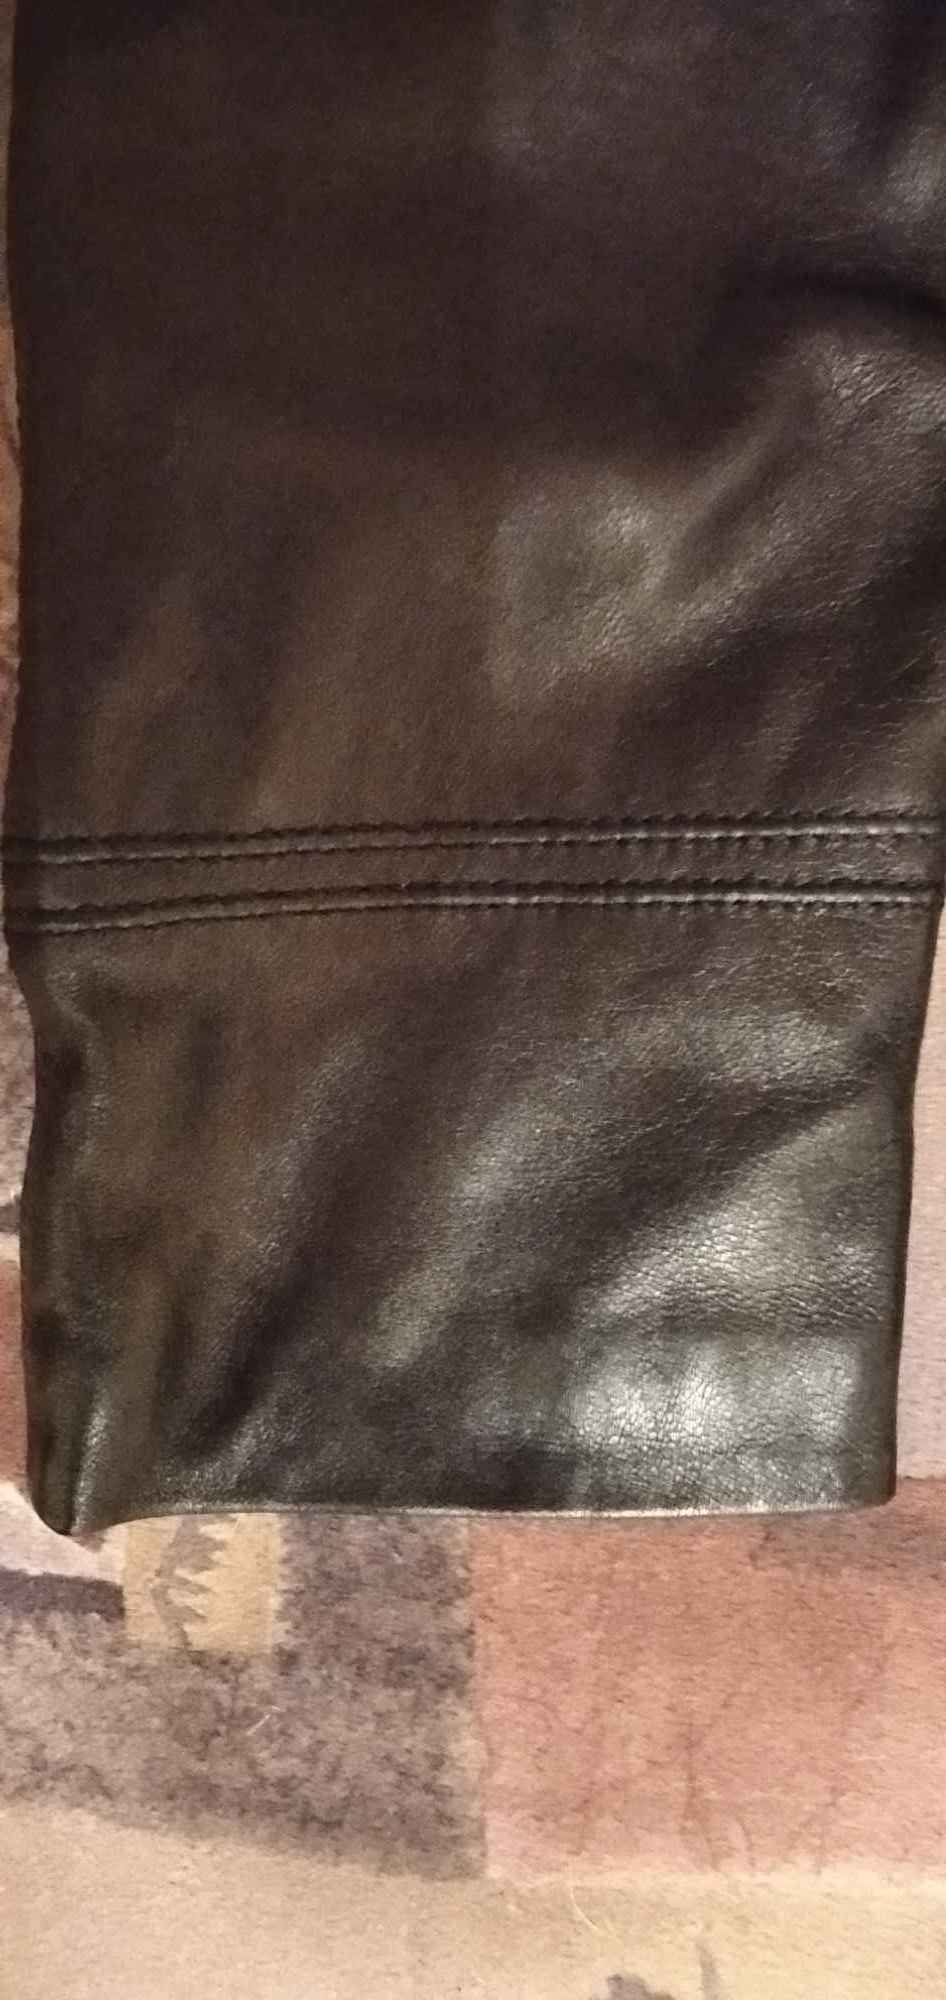 Sprzedam nową ,skórzaną, czarną ,kurtkę damską Gdynia - zdjęcie 9